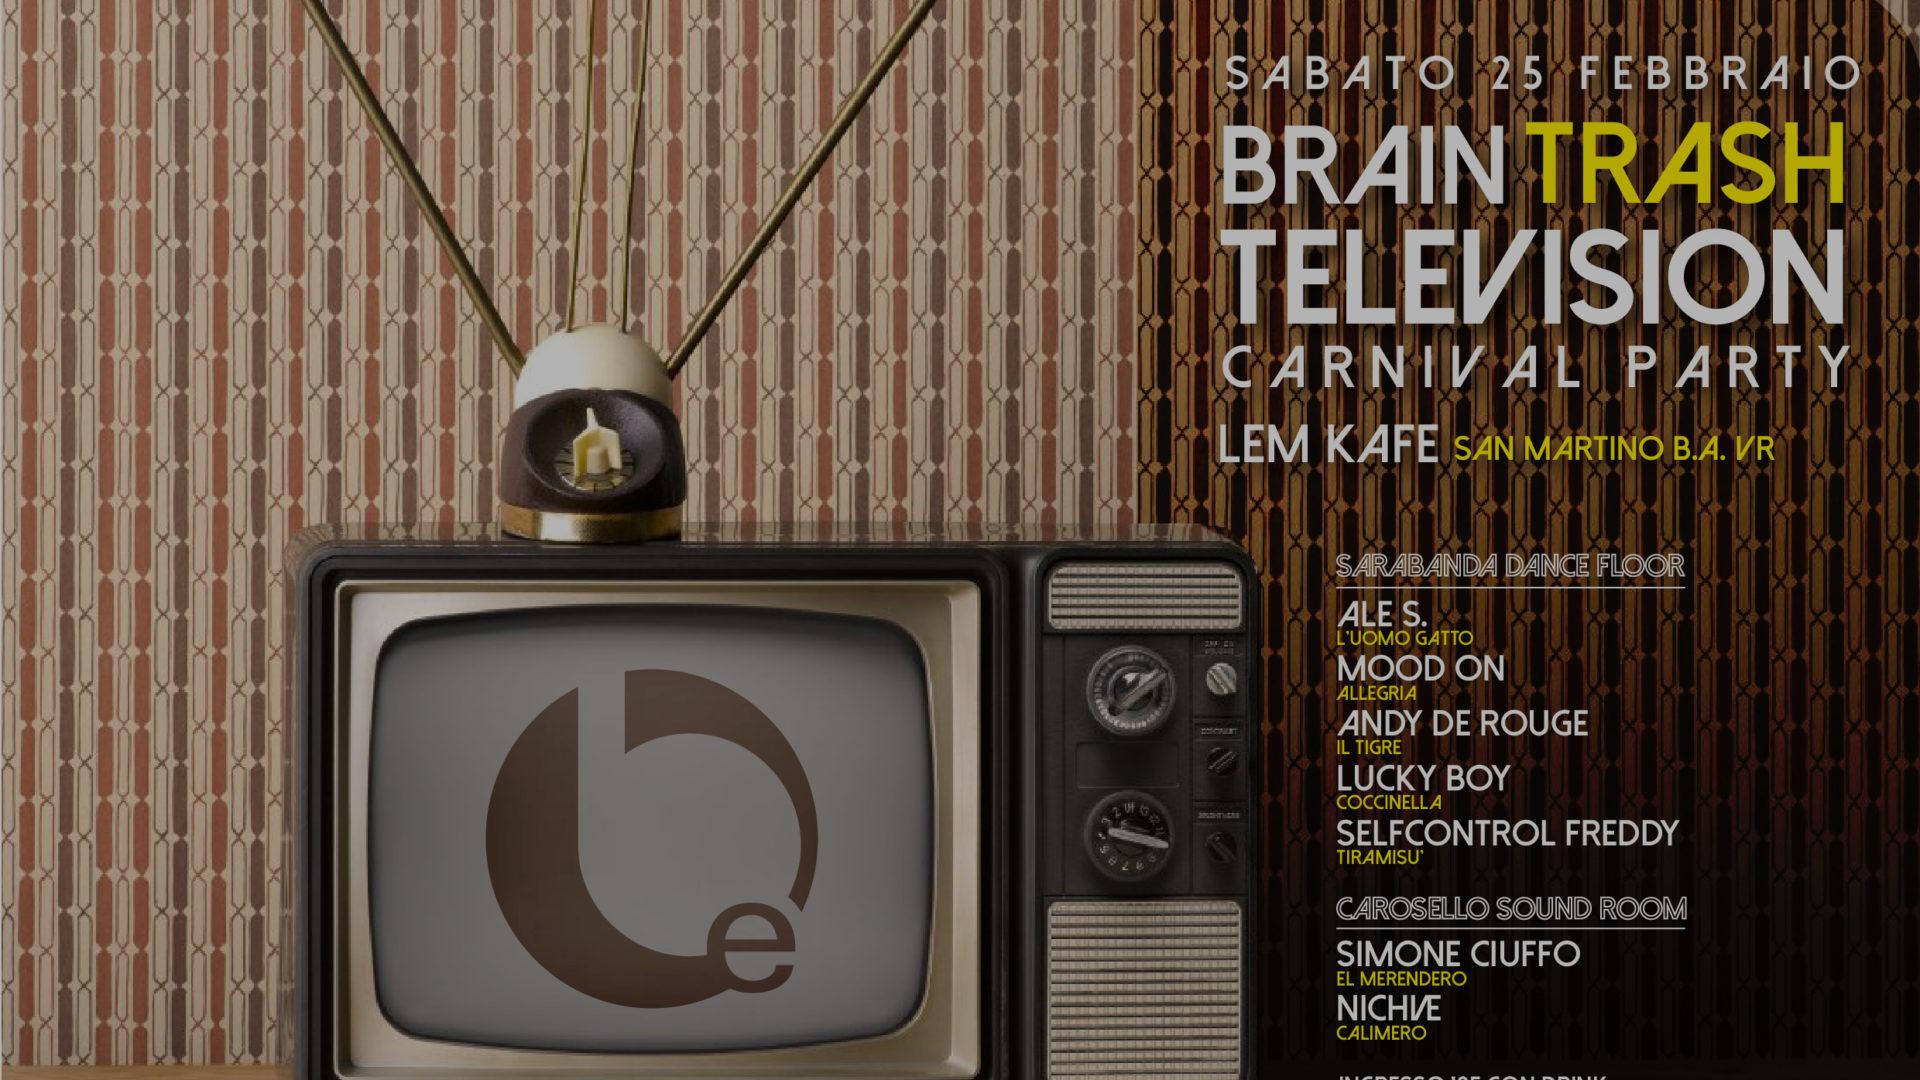 Brain Trash Television